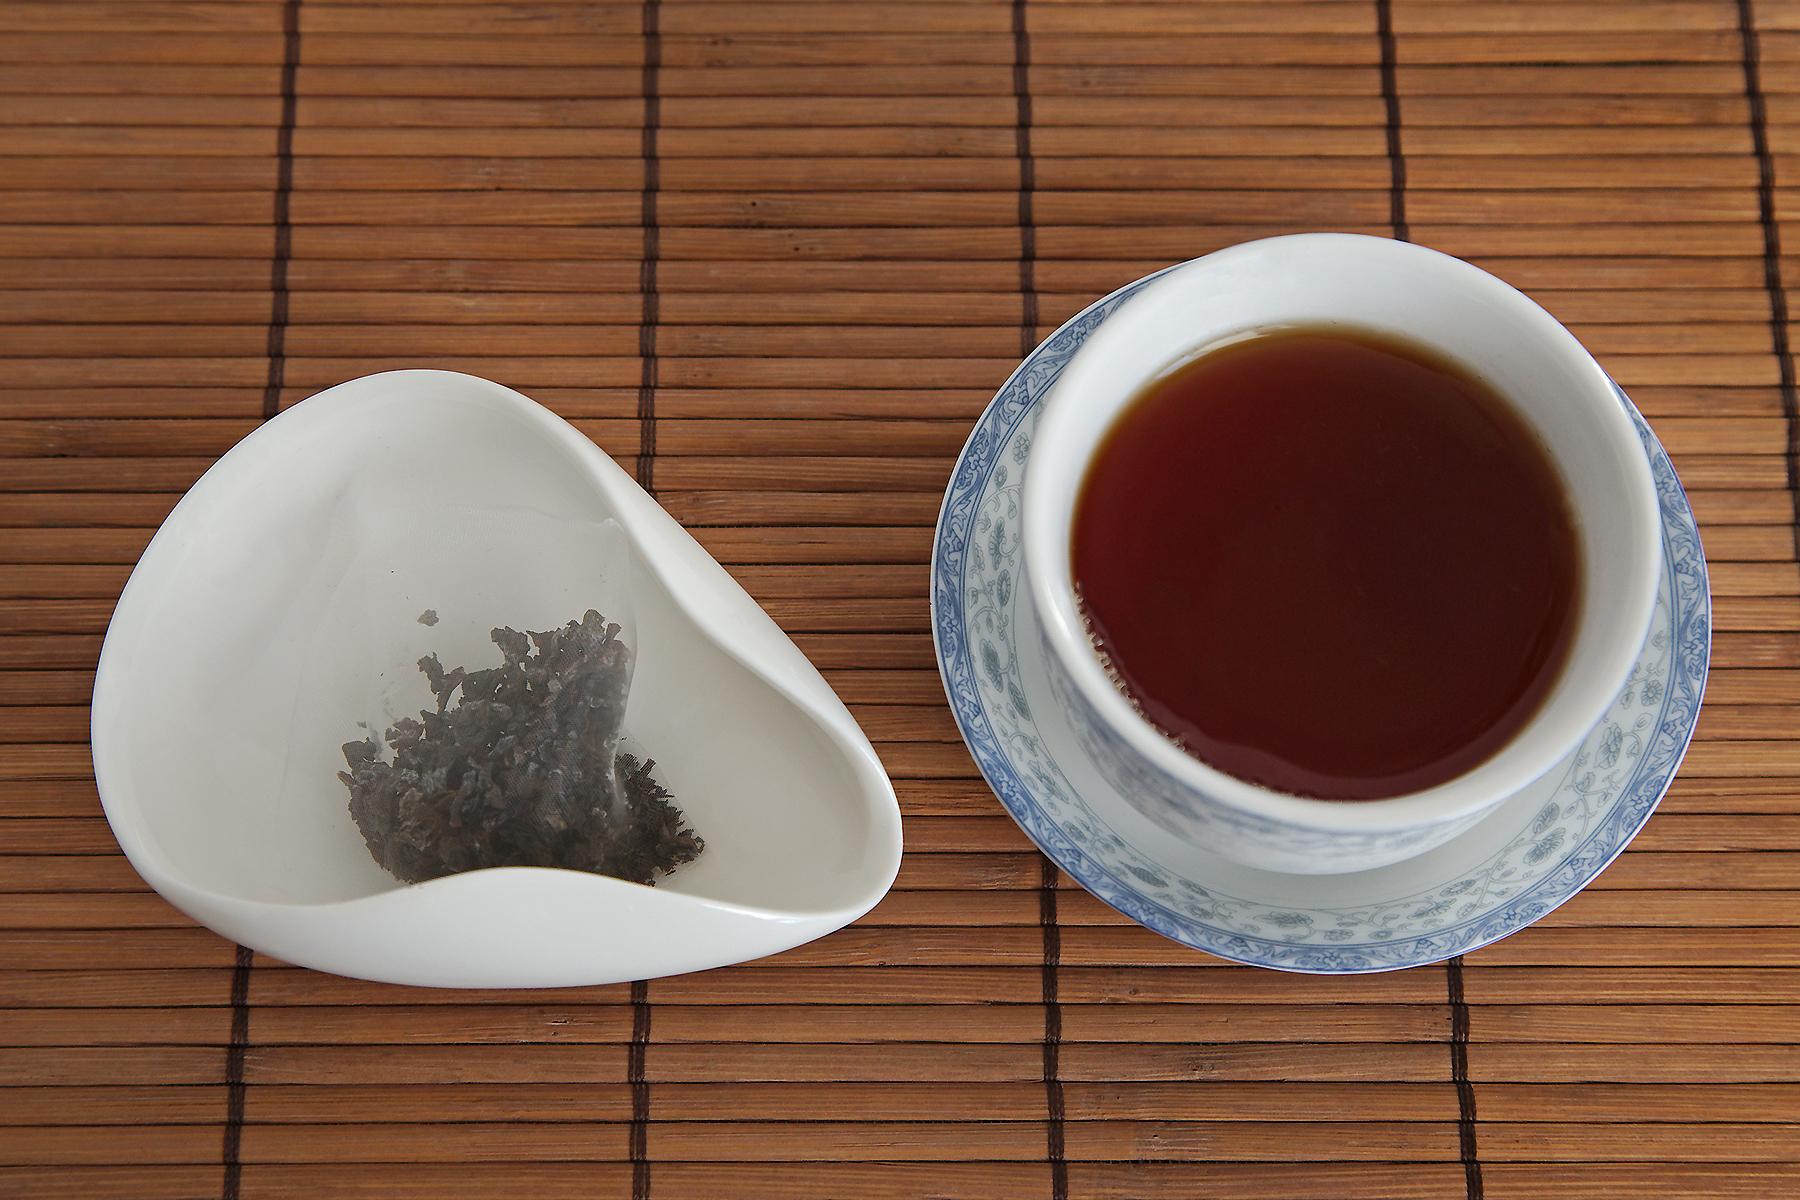 Tea Review: Earl Grey - Zest Tea